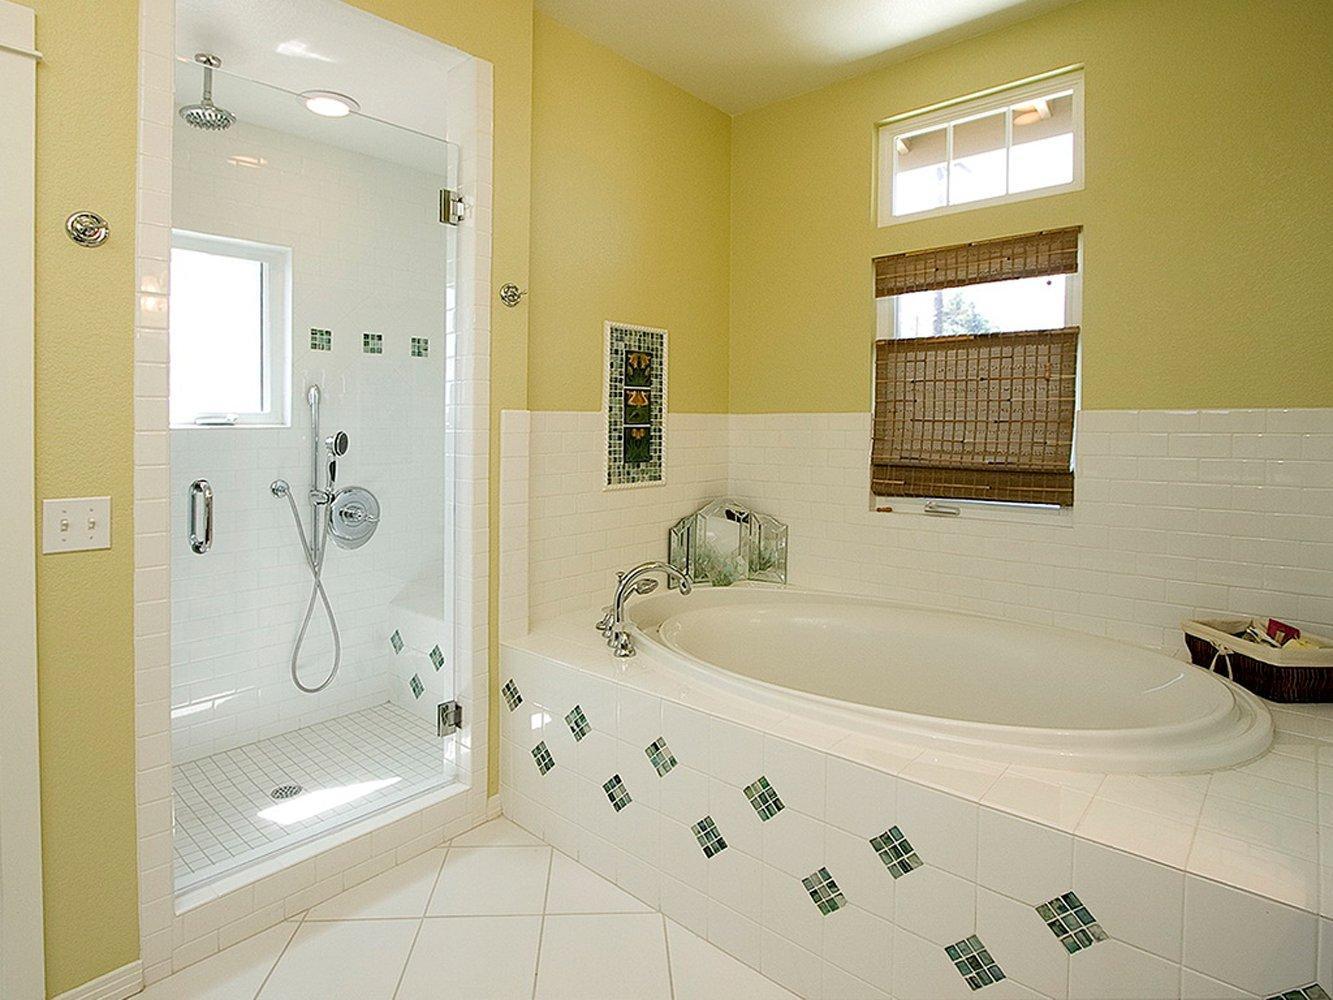 Как визуально увеличить маленькую ванную комнату?